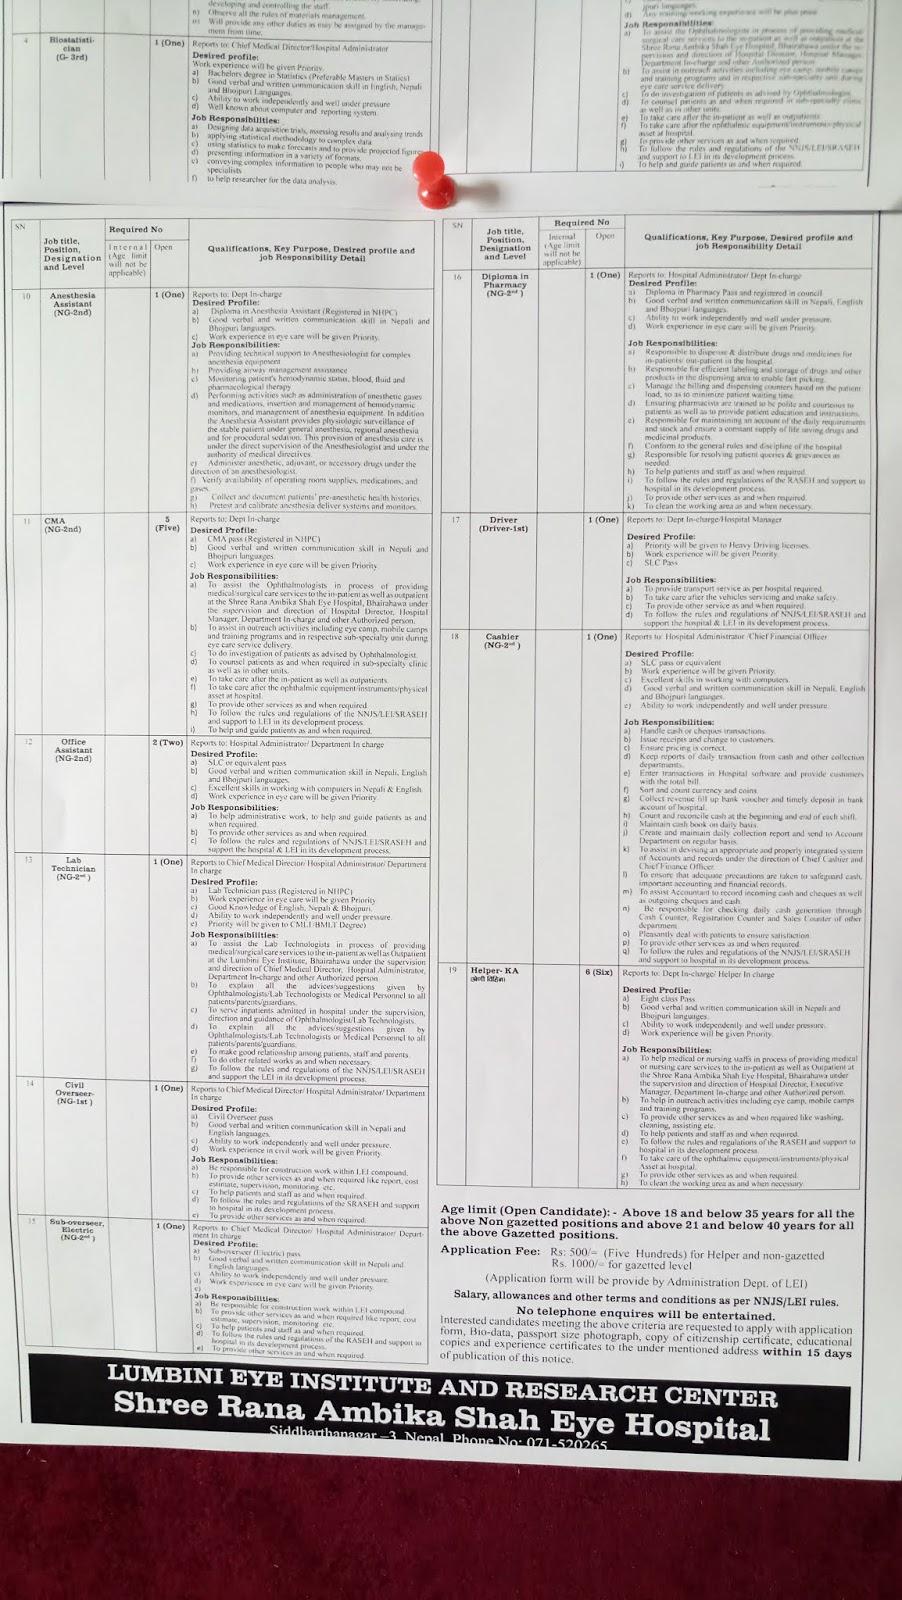 vacancy in lumbini eye institute